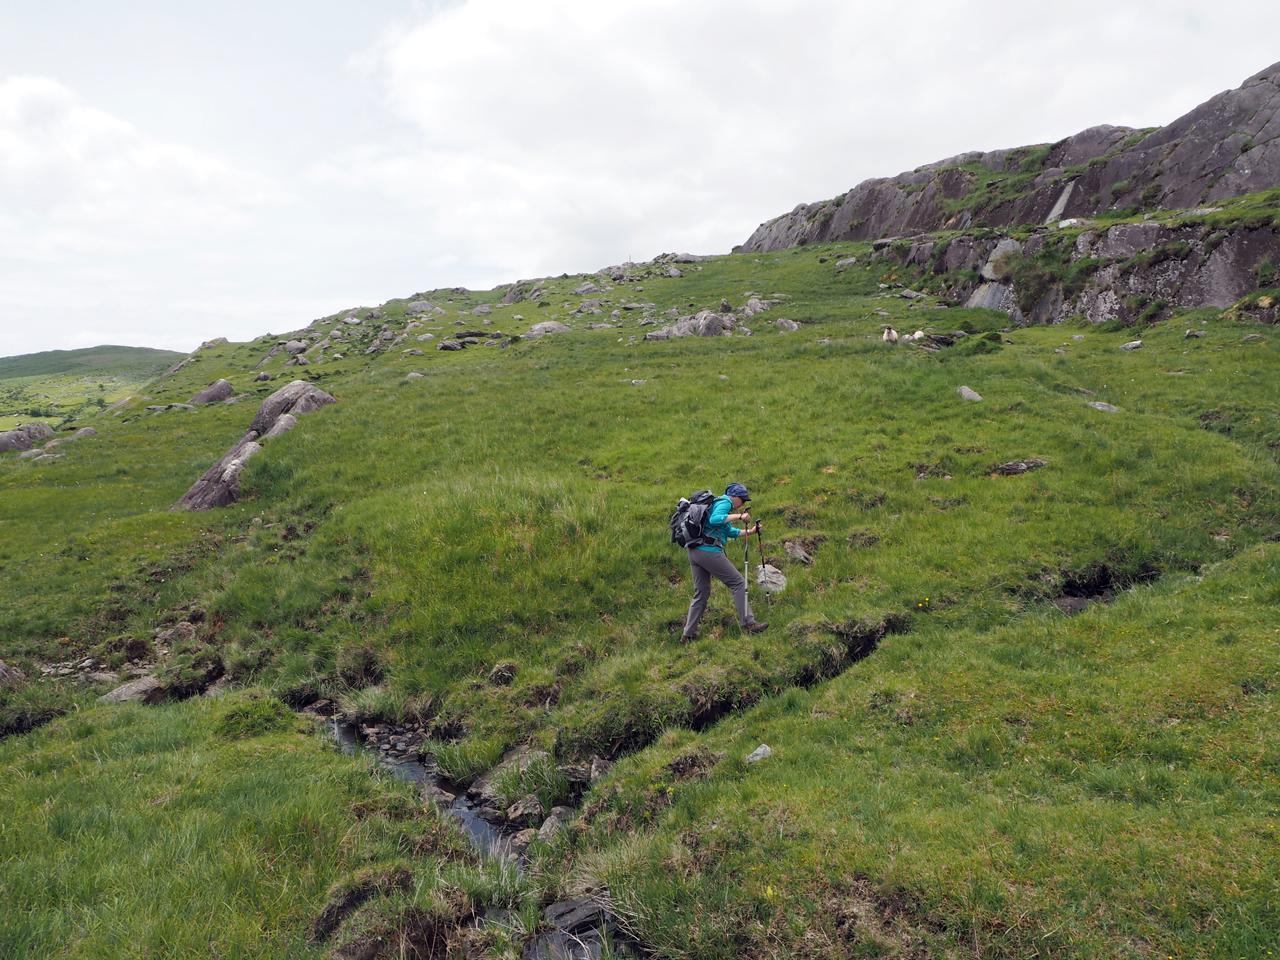 Janny zoekt een route tussen de waterloopjes